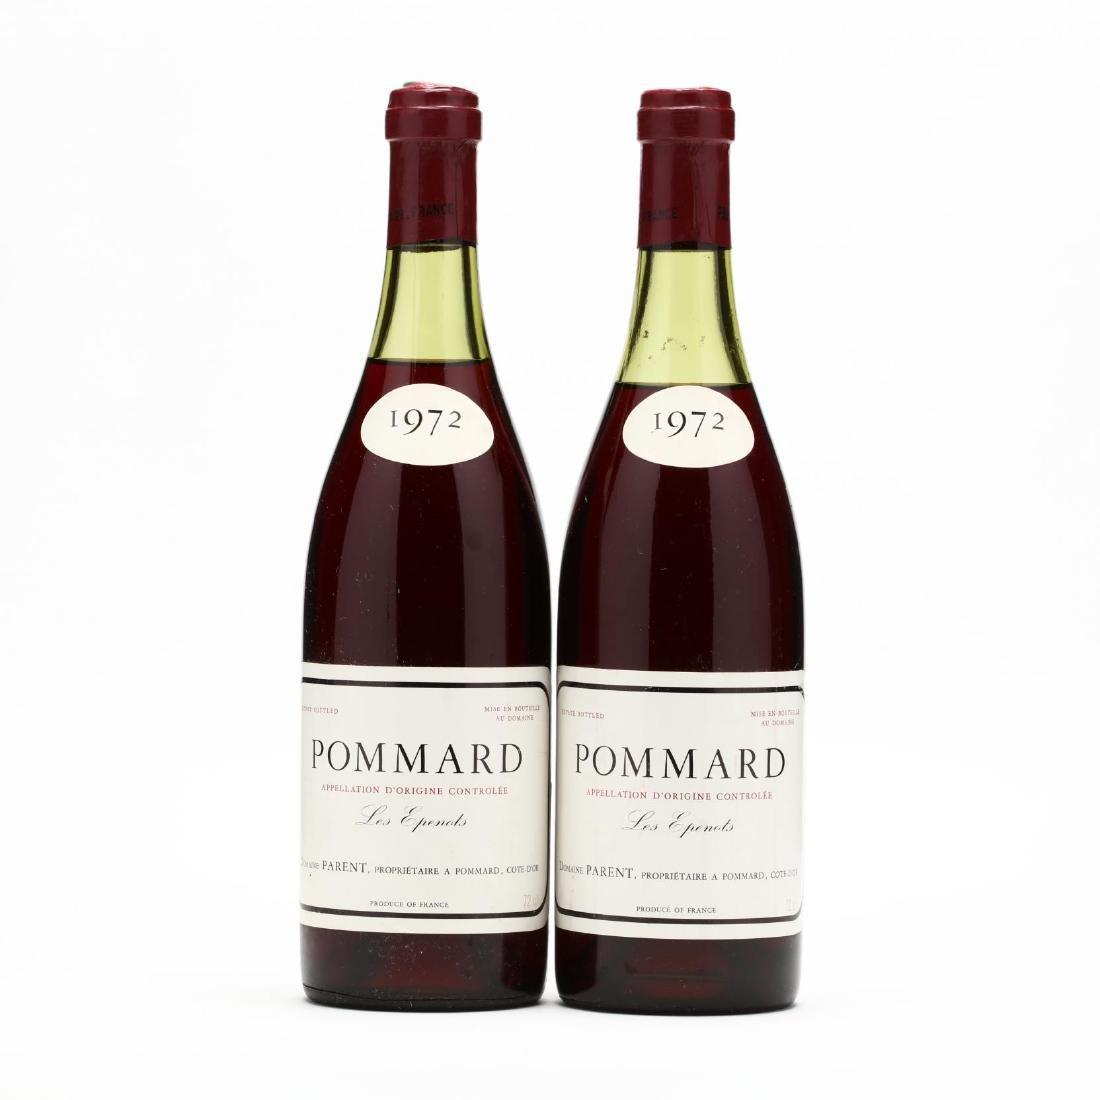 Pommard - Vintage 1972